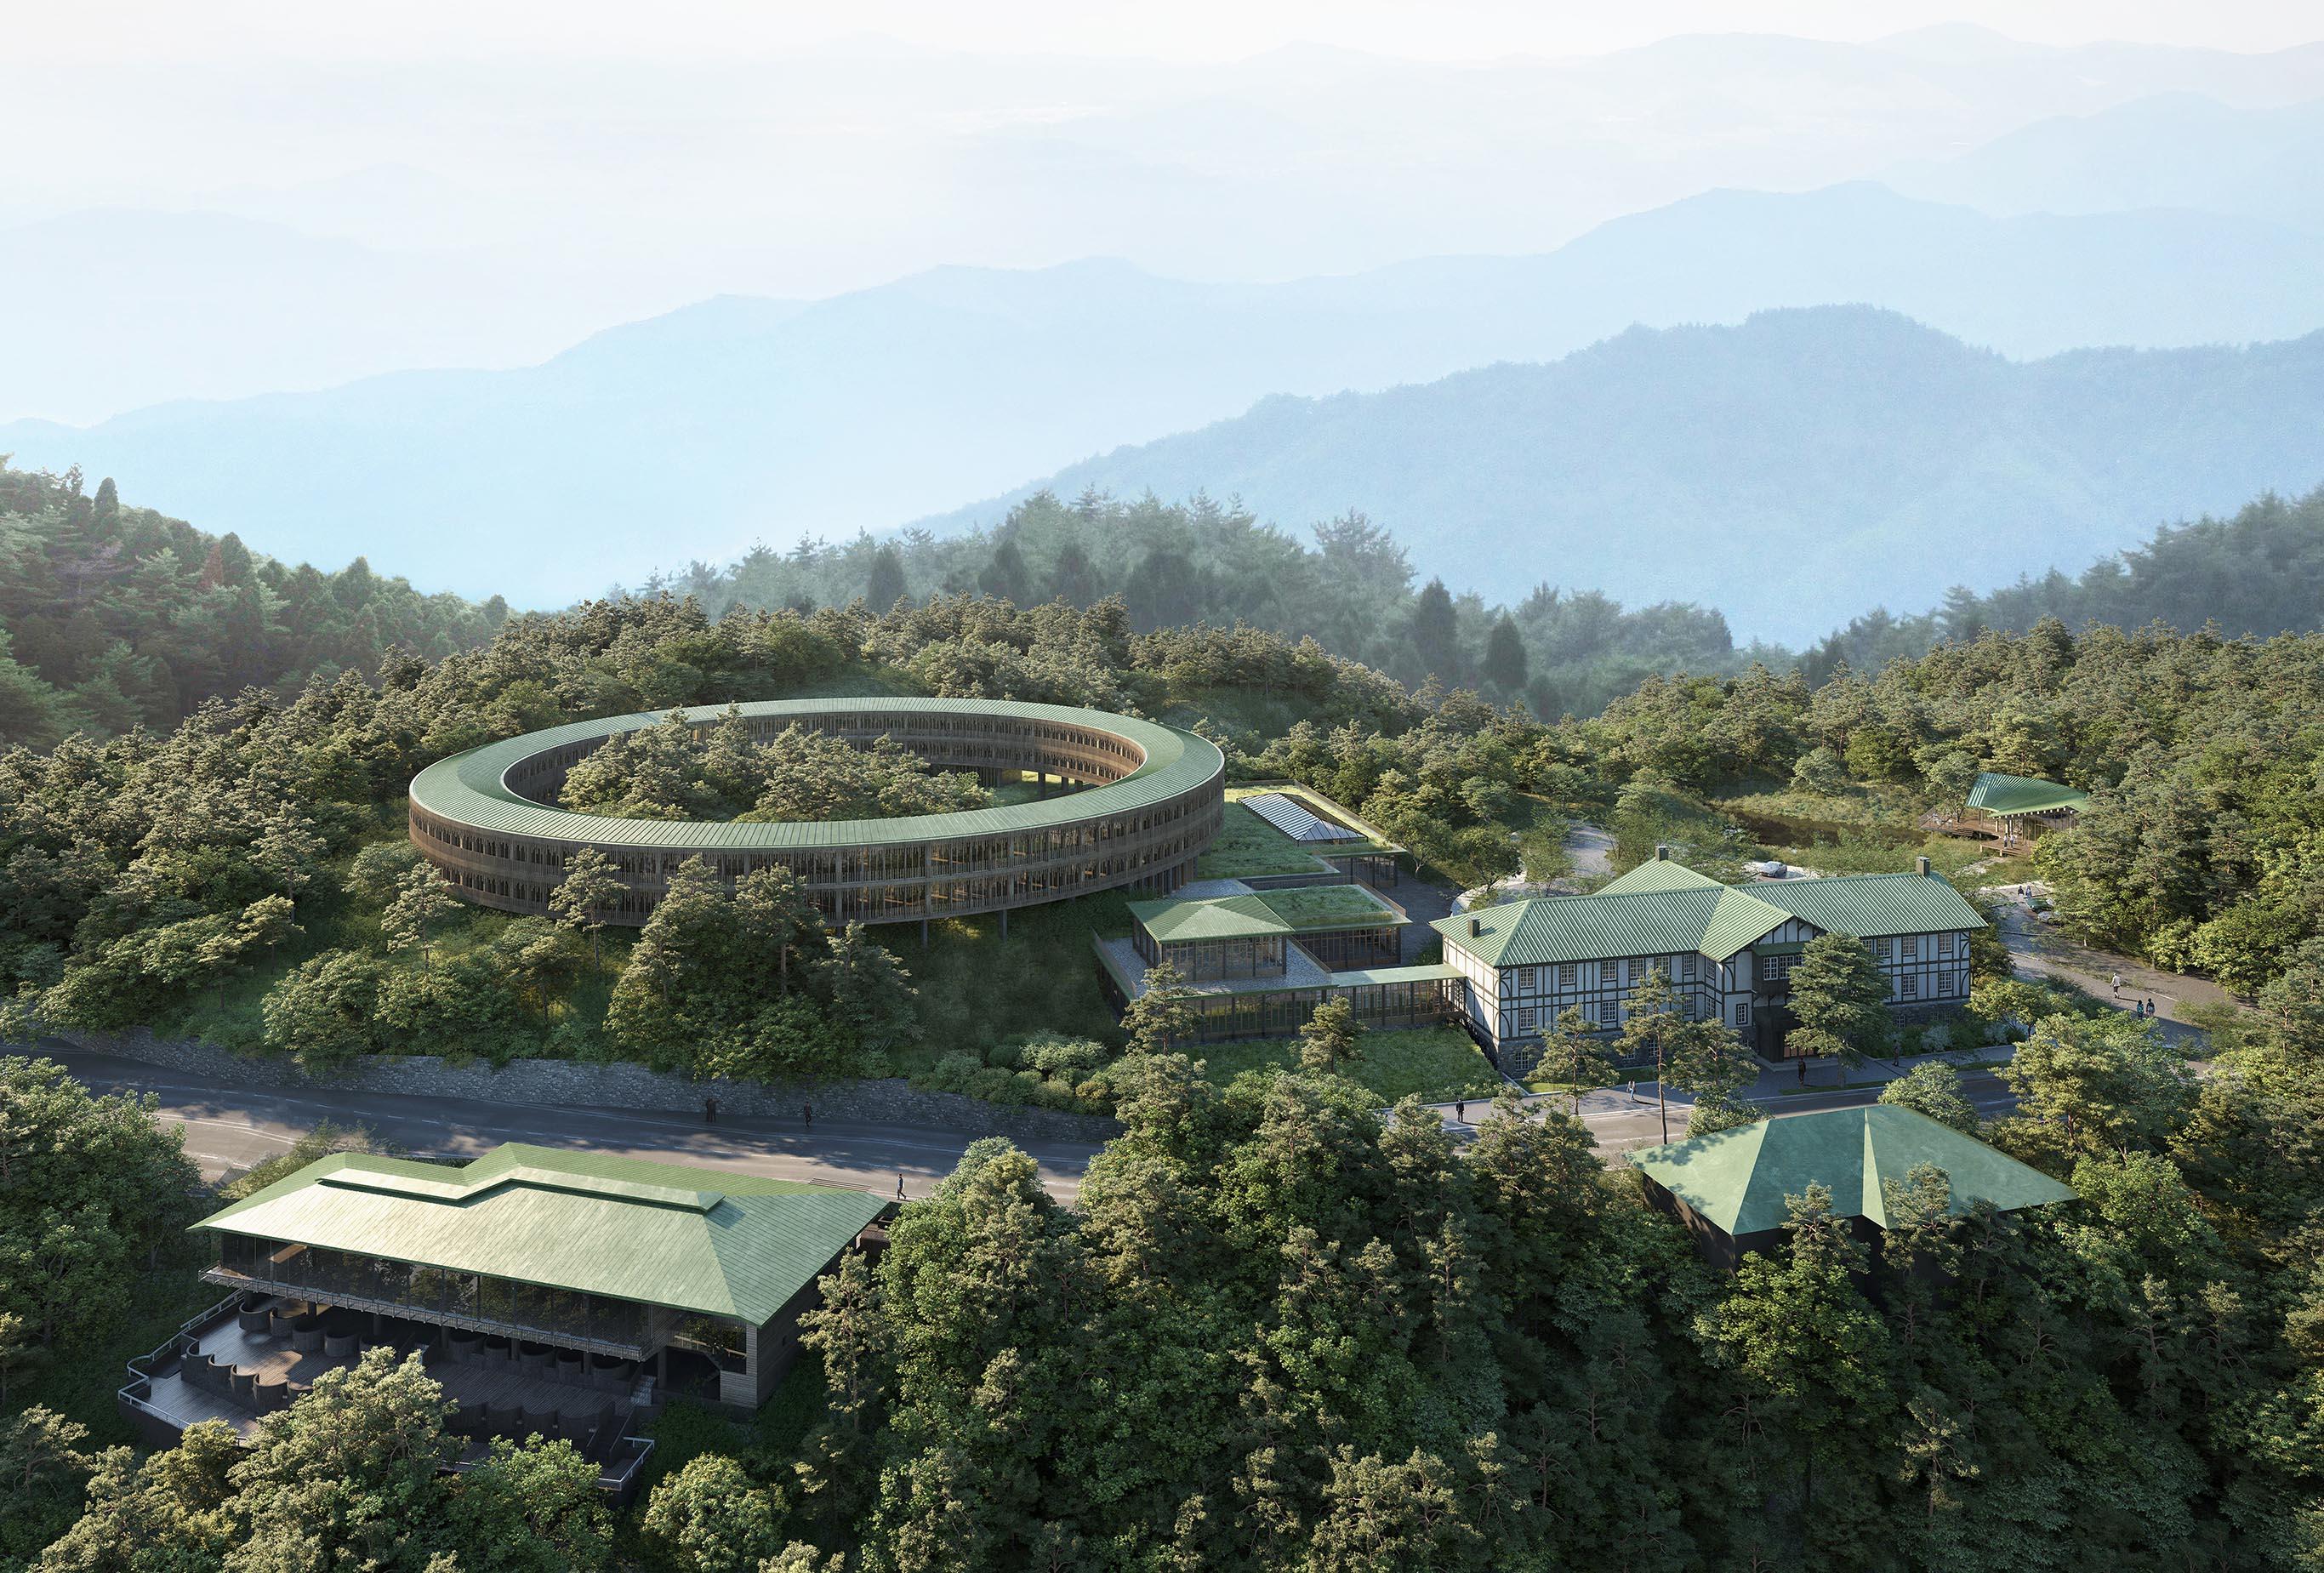 2025年に完成予定の六甲山サイレンスリゾートの全貌。第1フェーズとして2019年7月にオープンしたのは、写真右奥の旧館(旧六甲山ホテル)と右手前のグリルレストラン。©️Rokkosan silence resort